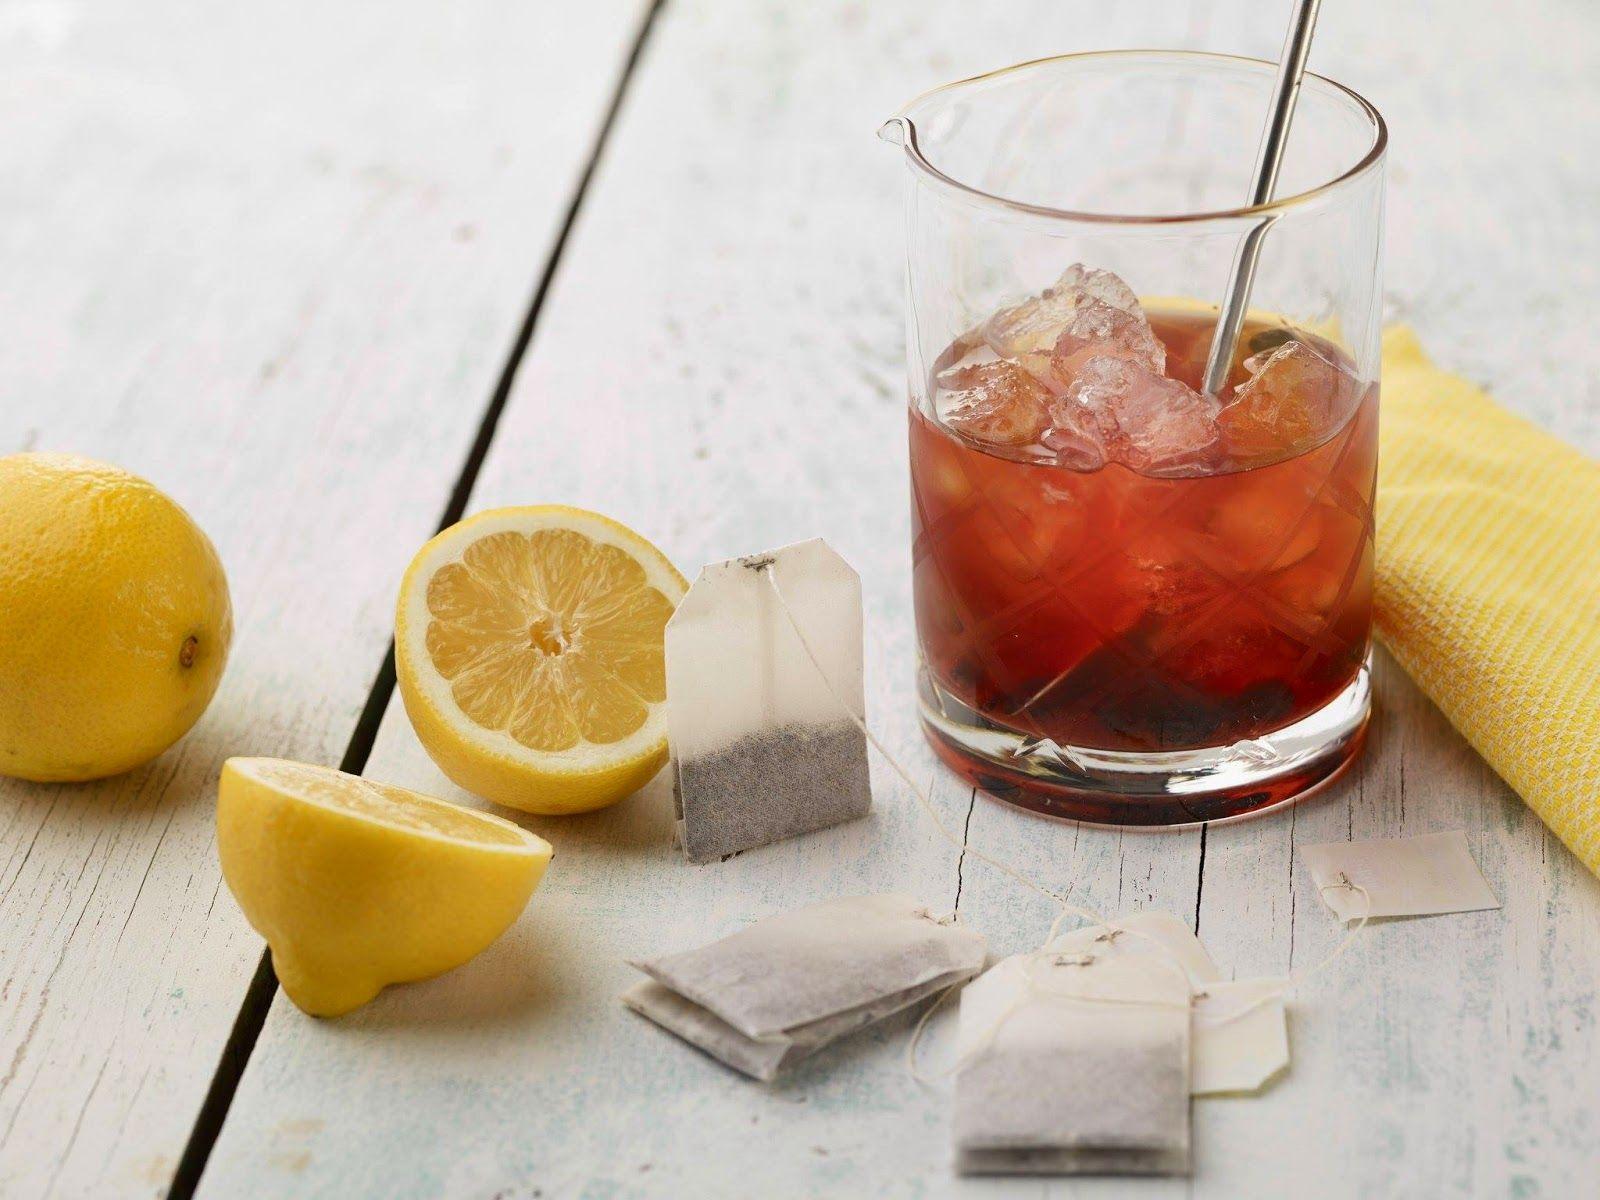 Isi Bimby: Iced tea de chá preto e limão